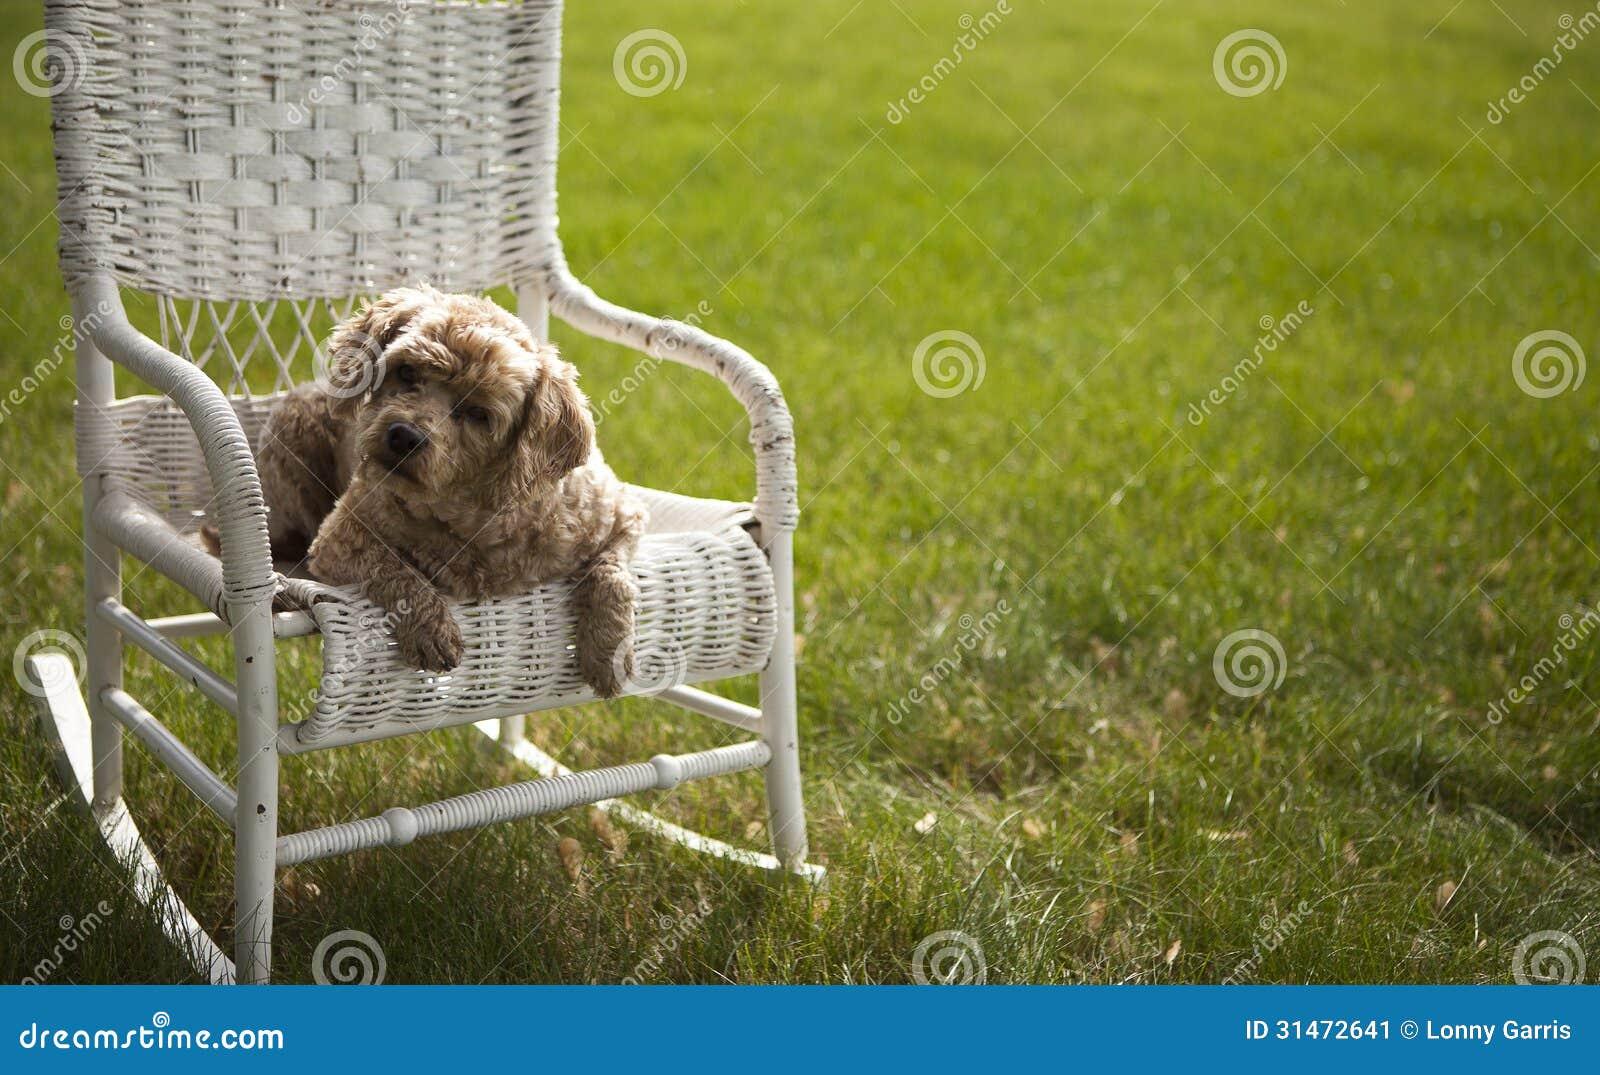 Witte Rieten Stoel : Knappe hond op een witte rieten stoel stock afbeelding afbeelding